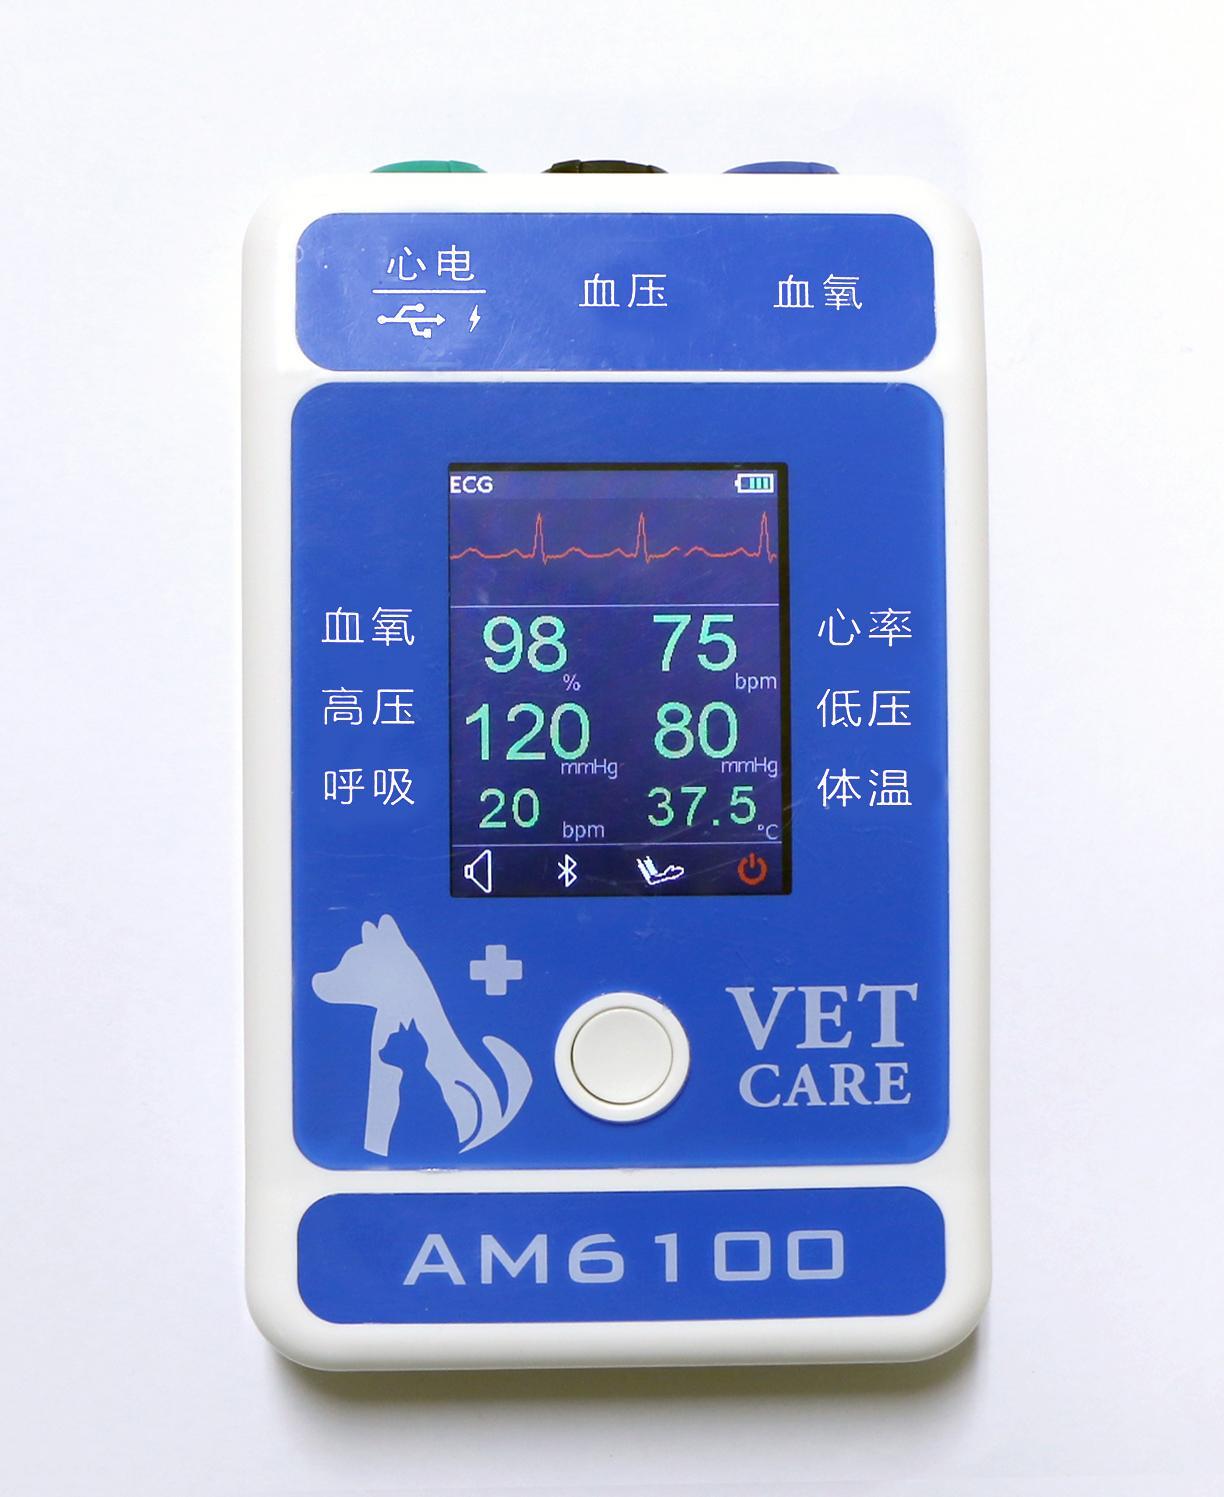 动物六参数心率医用便携式蓝牙患者监护仪 5